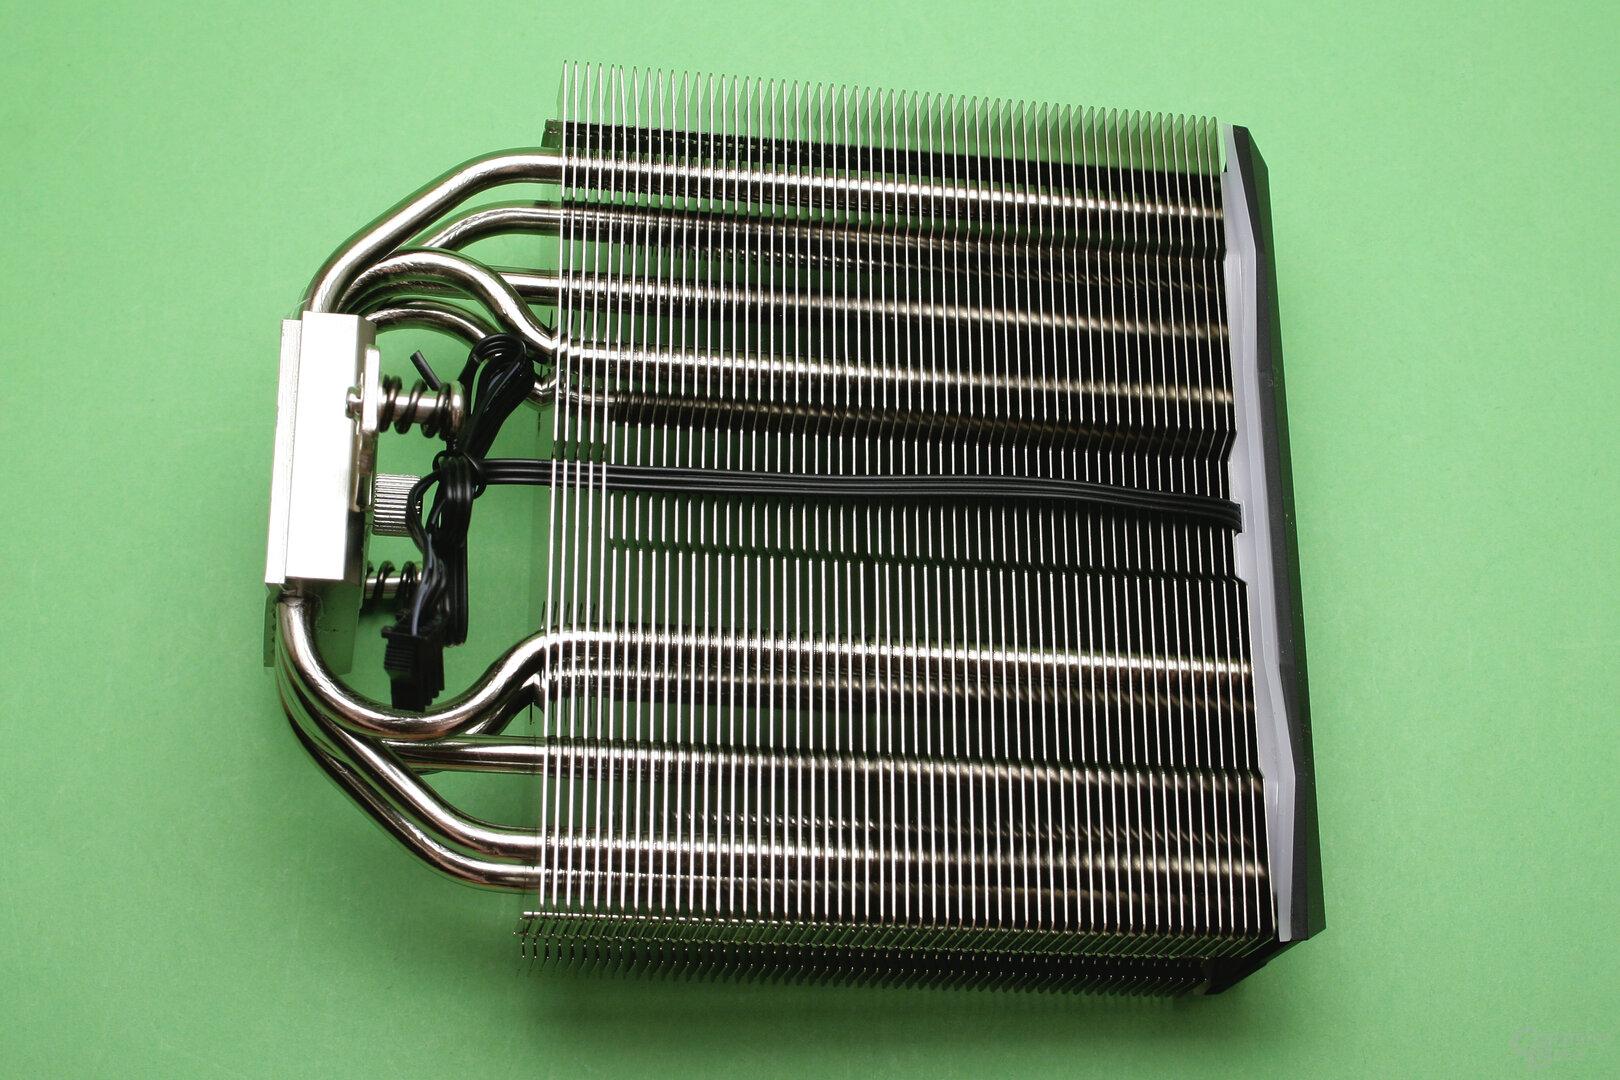 Deepcool AS500: Detailansicht des Kühlturms